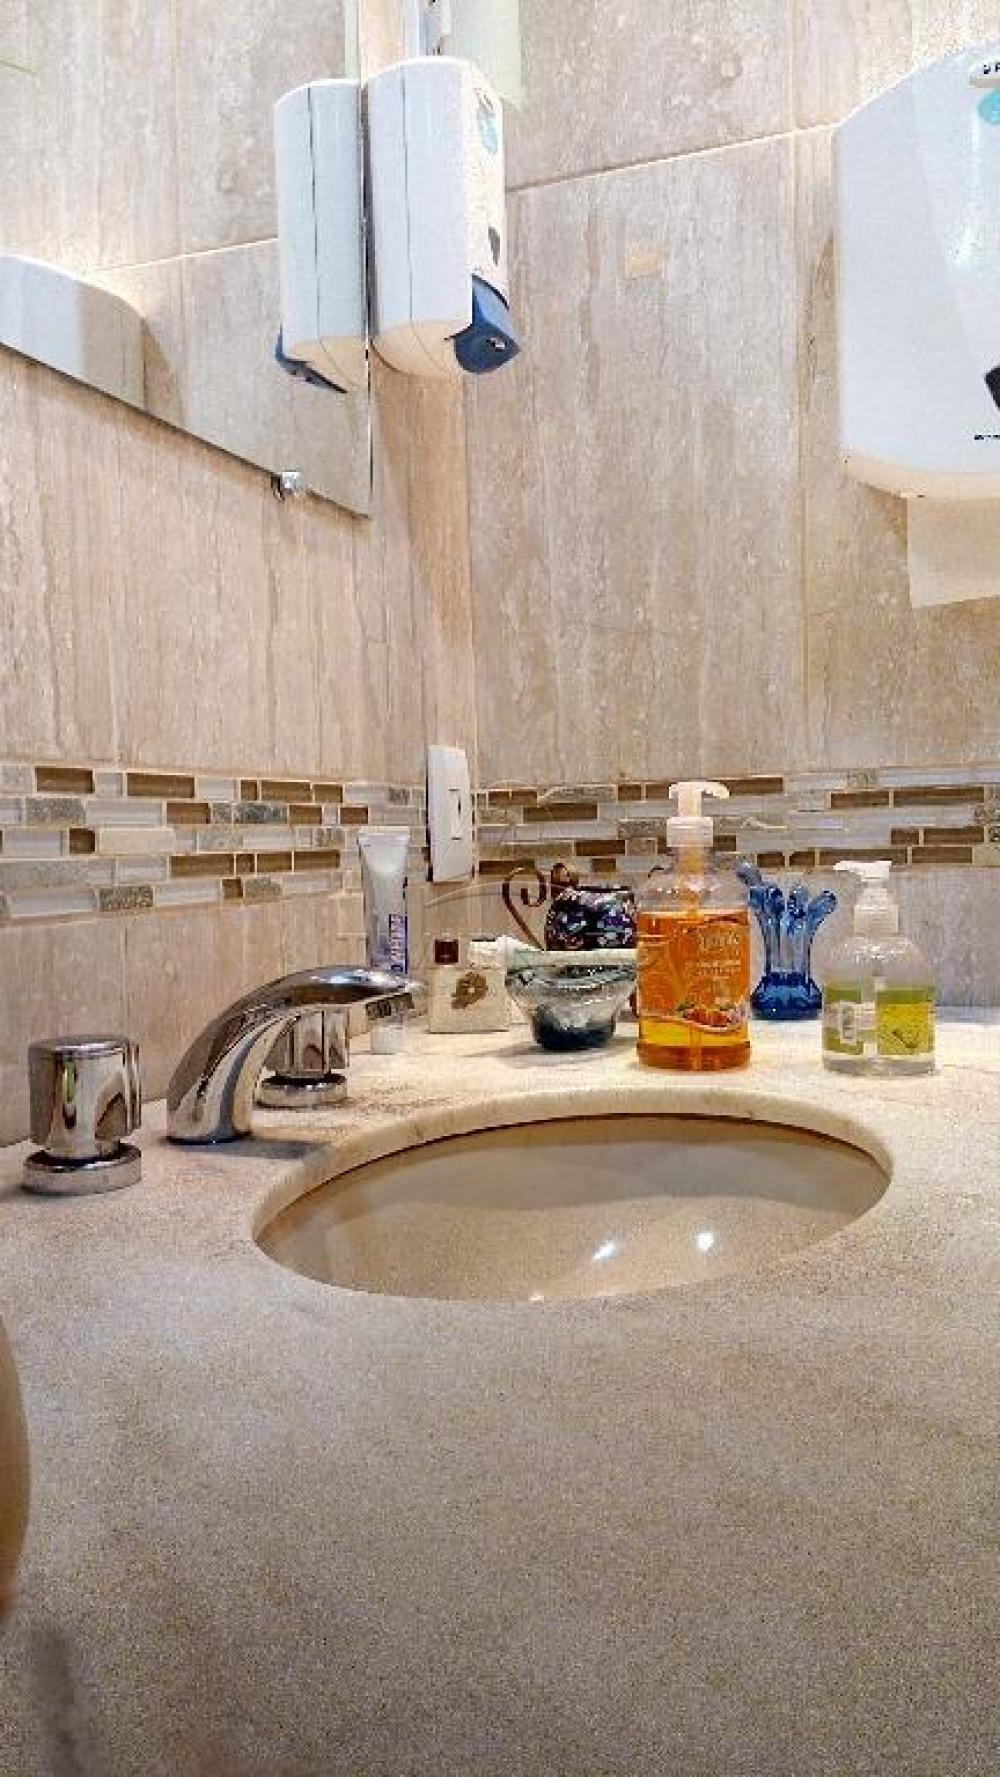 Comprar Casa / Comercial em Ponta Grossa apenas R$ 1.500.000,00 - Foto 16